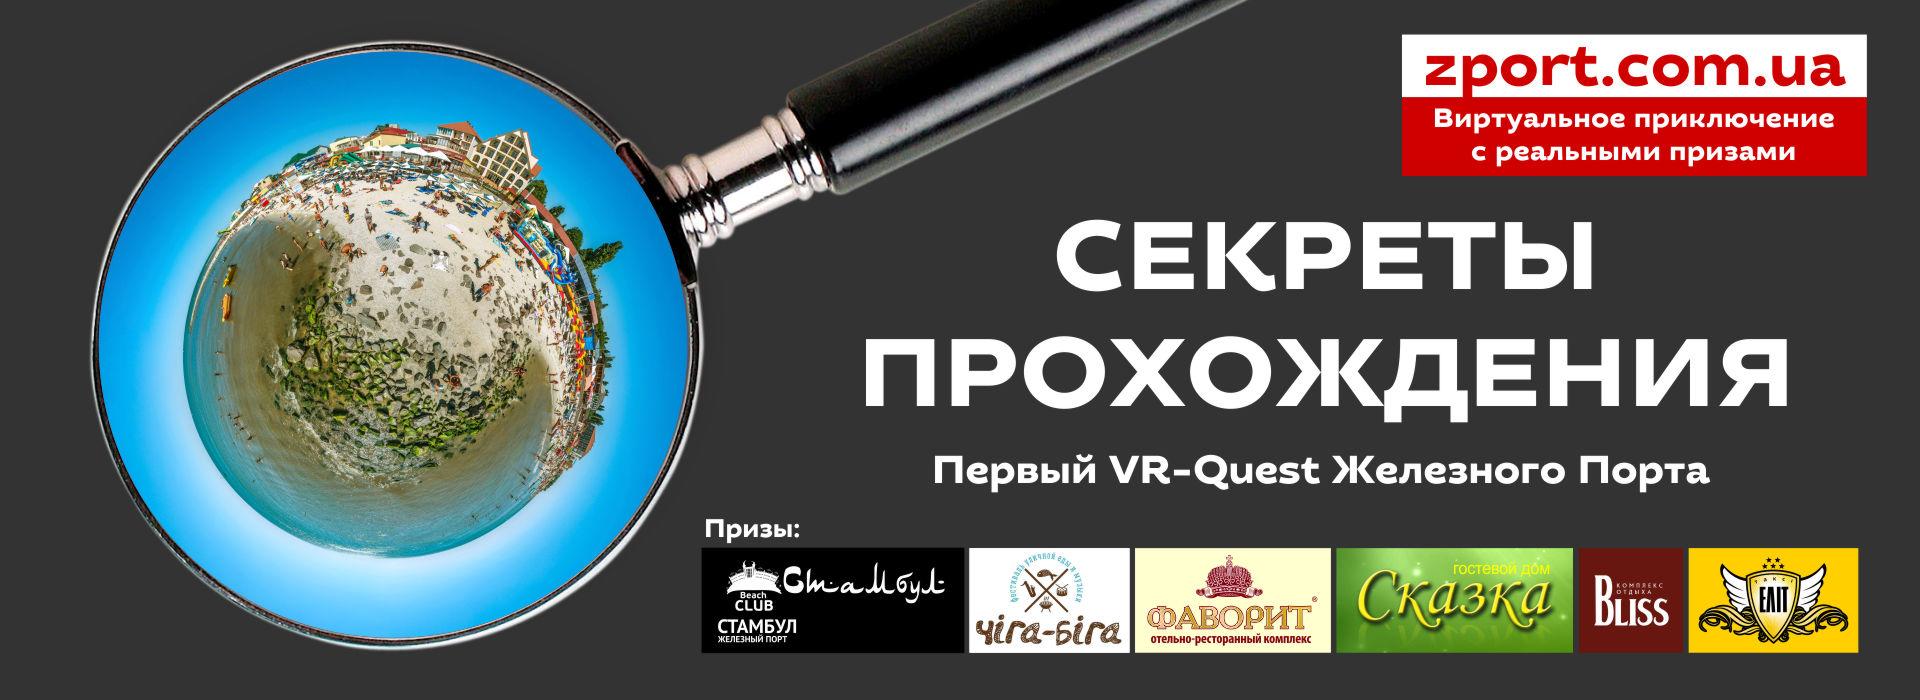 Секреты прохождения VR-квеста Железного Порта